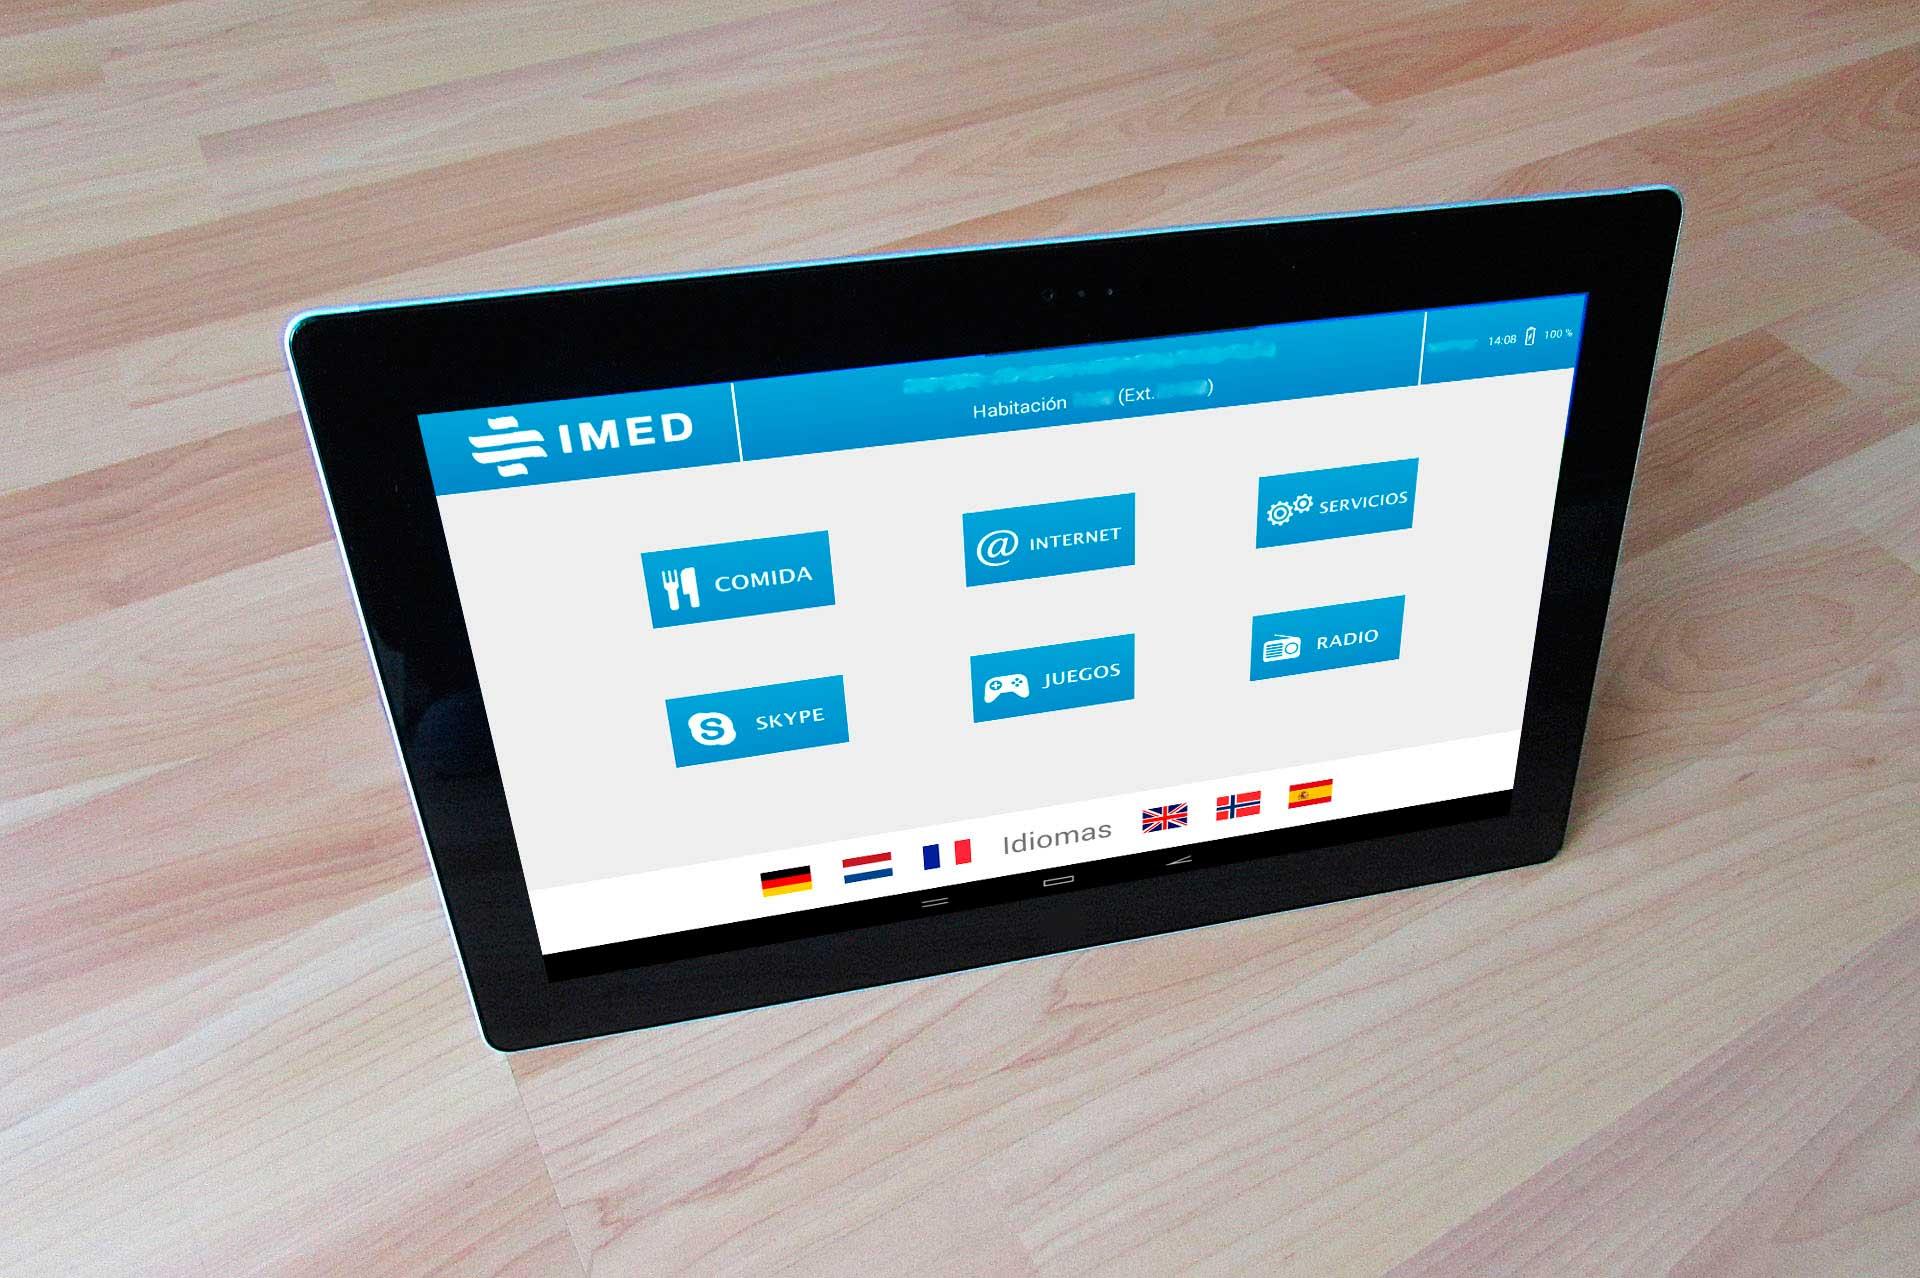 Diseño aplicaciones móviles: IMED